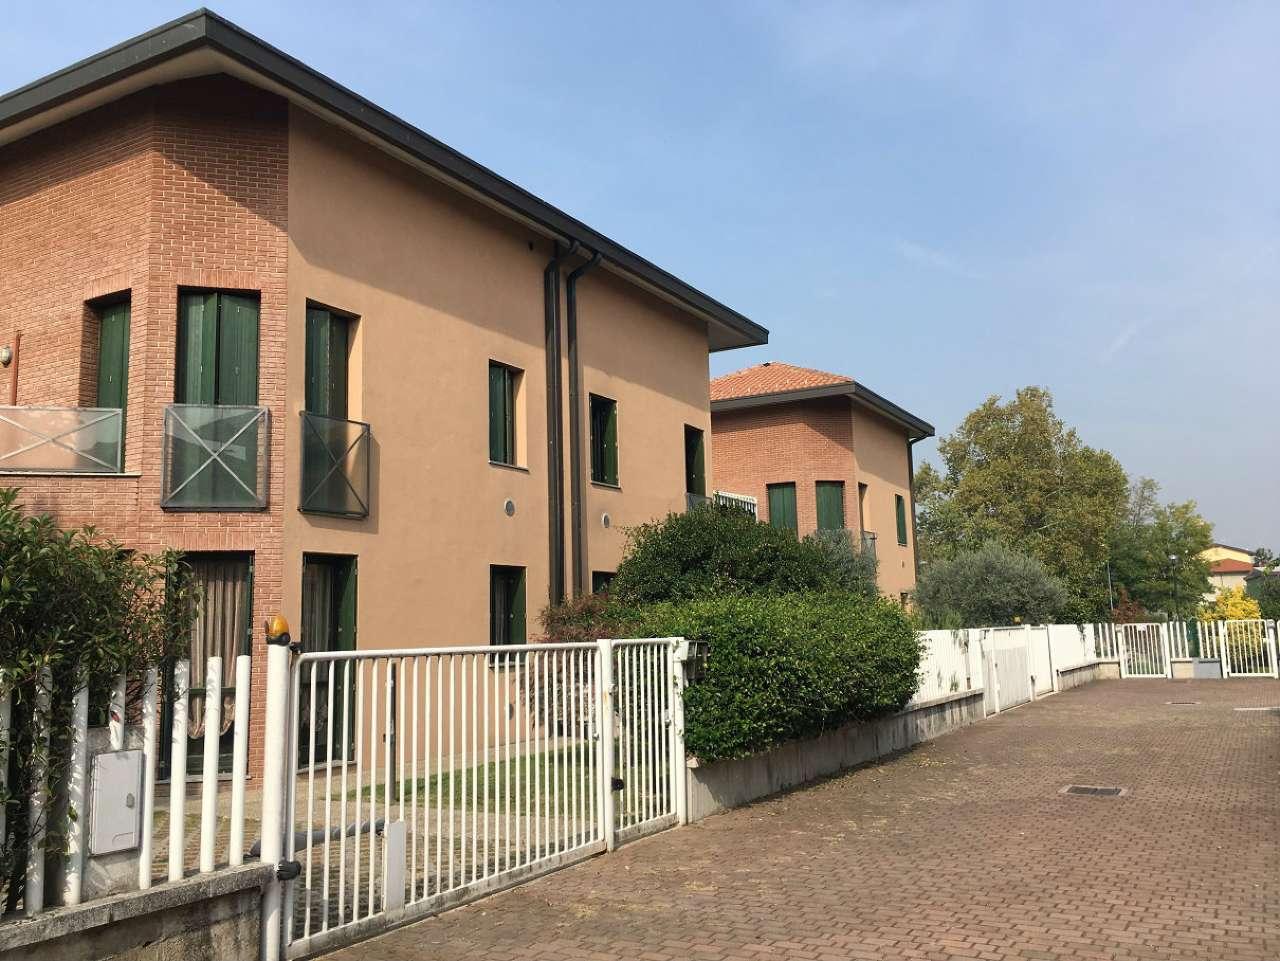 Villa in vendita a Arluno, 4 locali, prezzo € 250.000 | CambioCasa.it